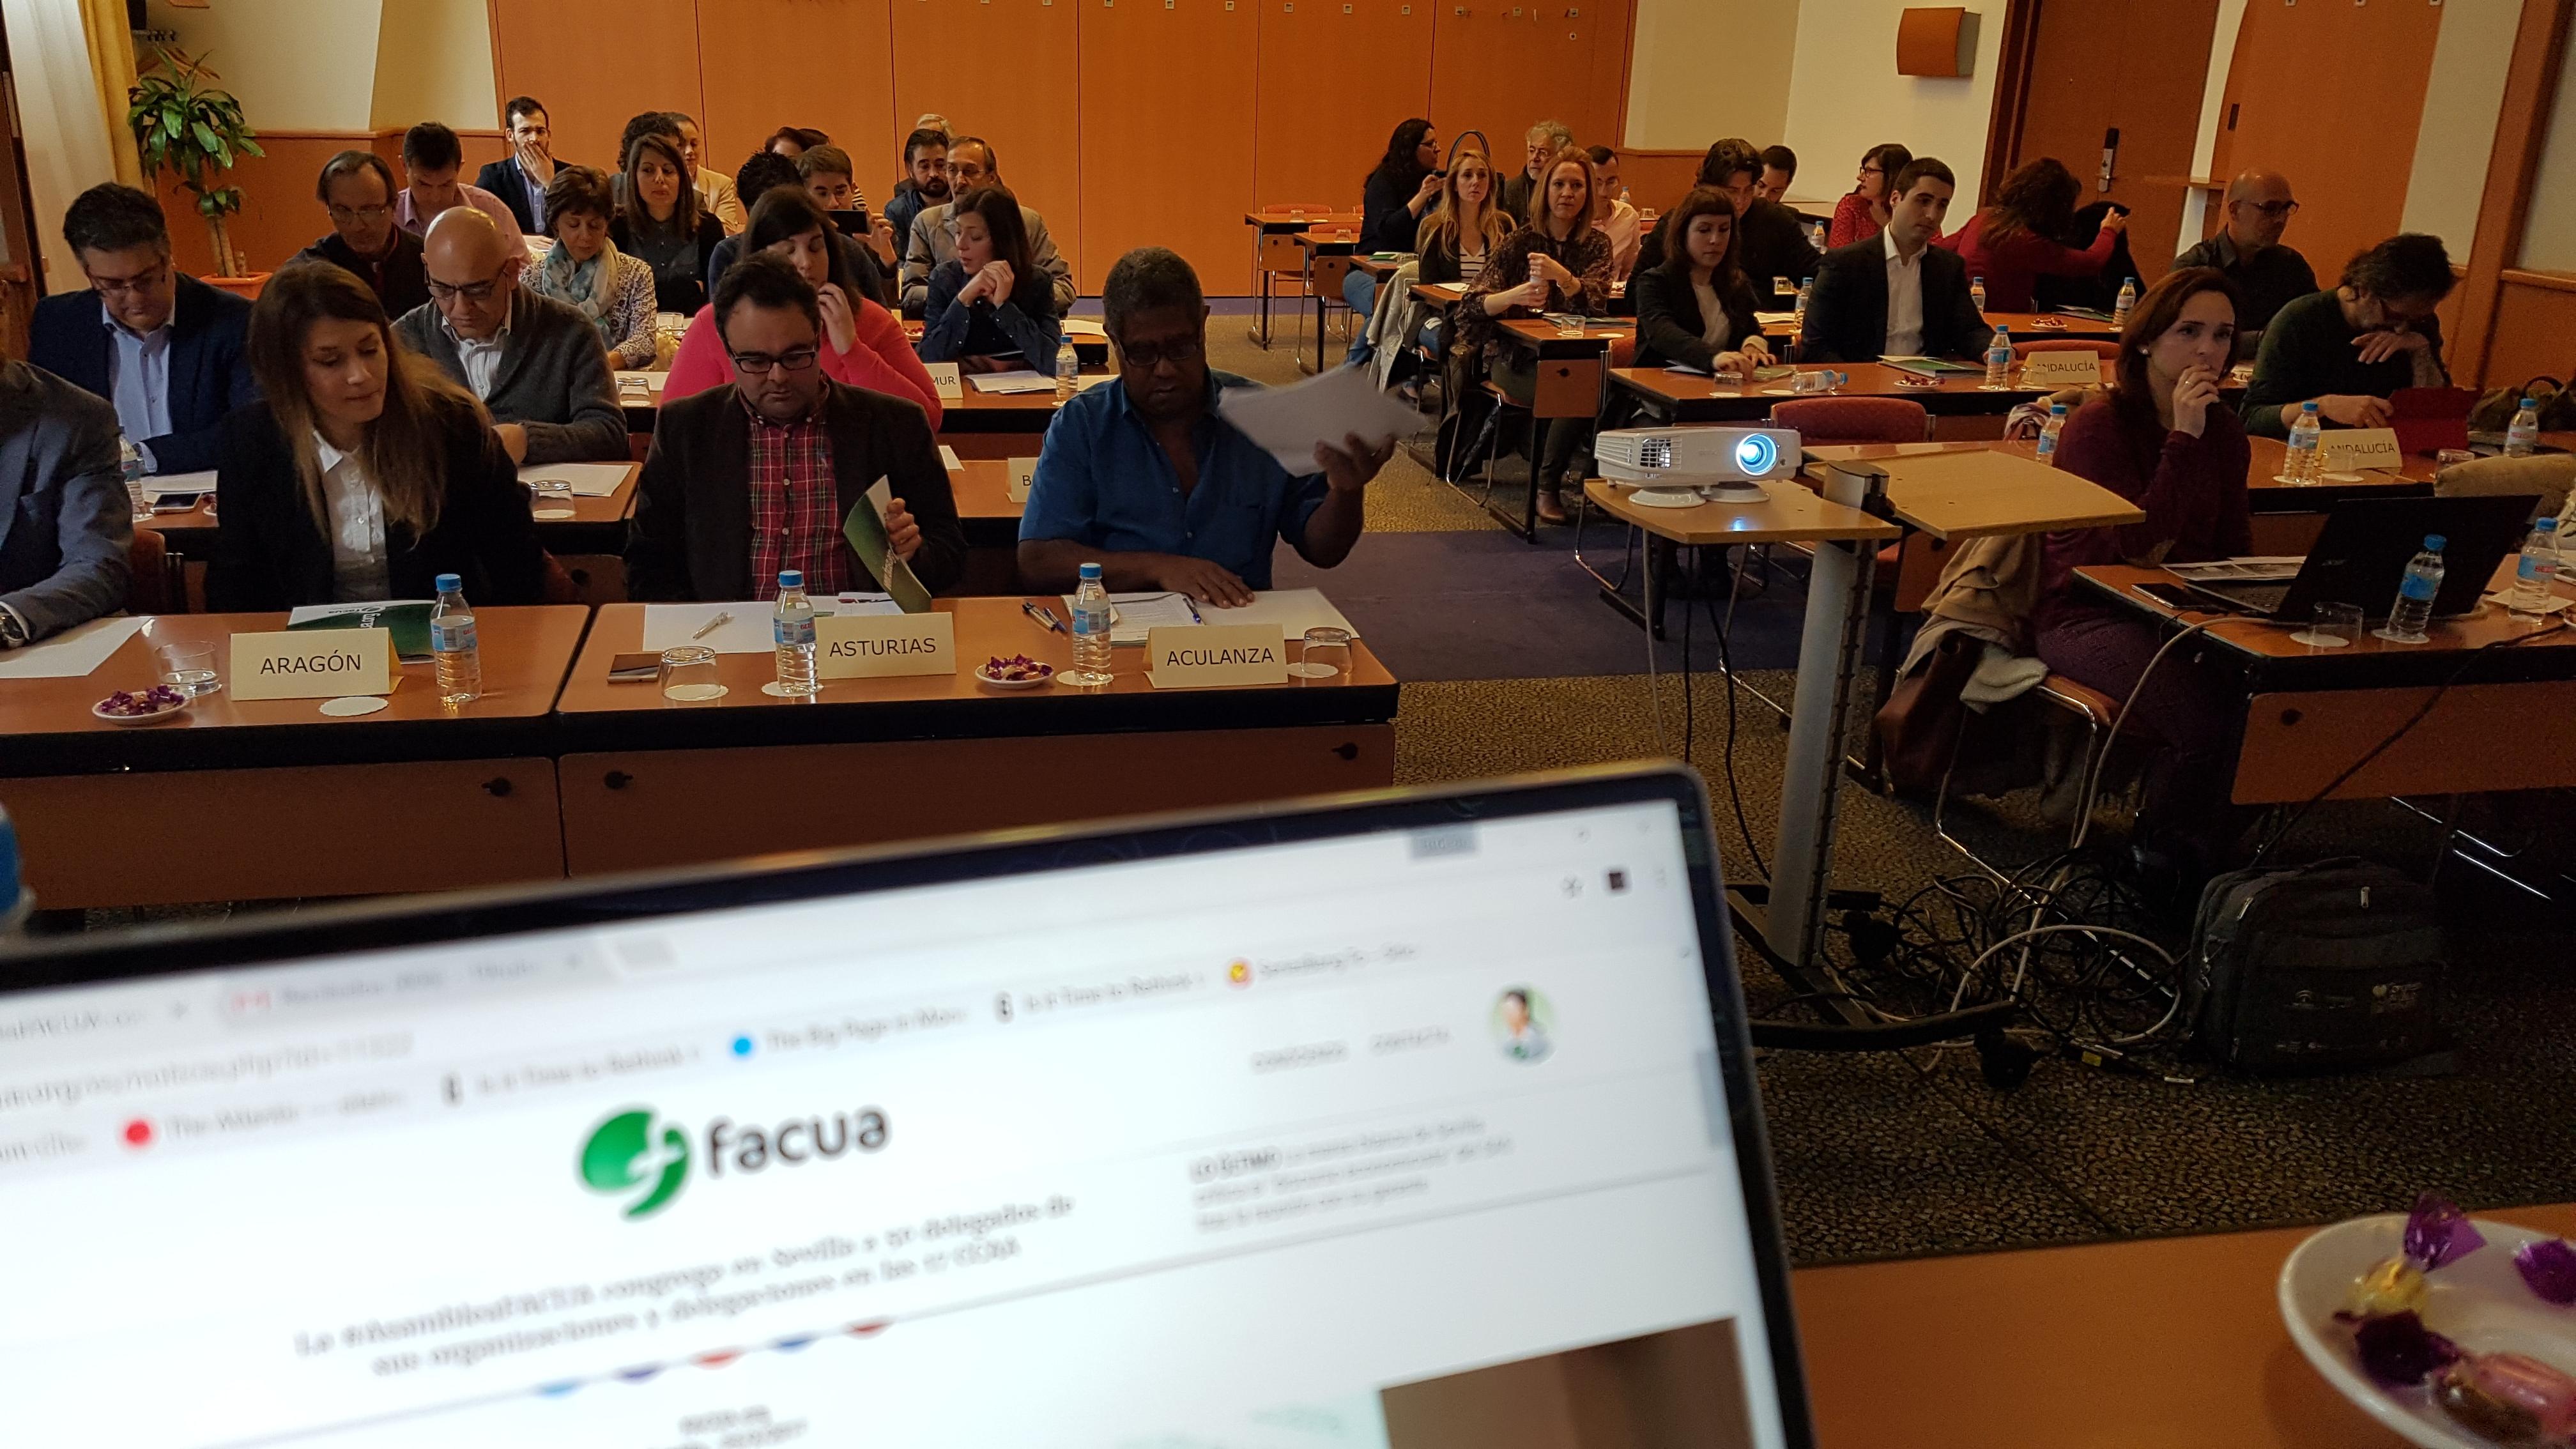 Rubén Sánchez asume la Vicepresidencia de FACUA tras su 11ª Asamblea General